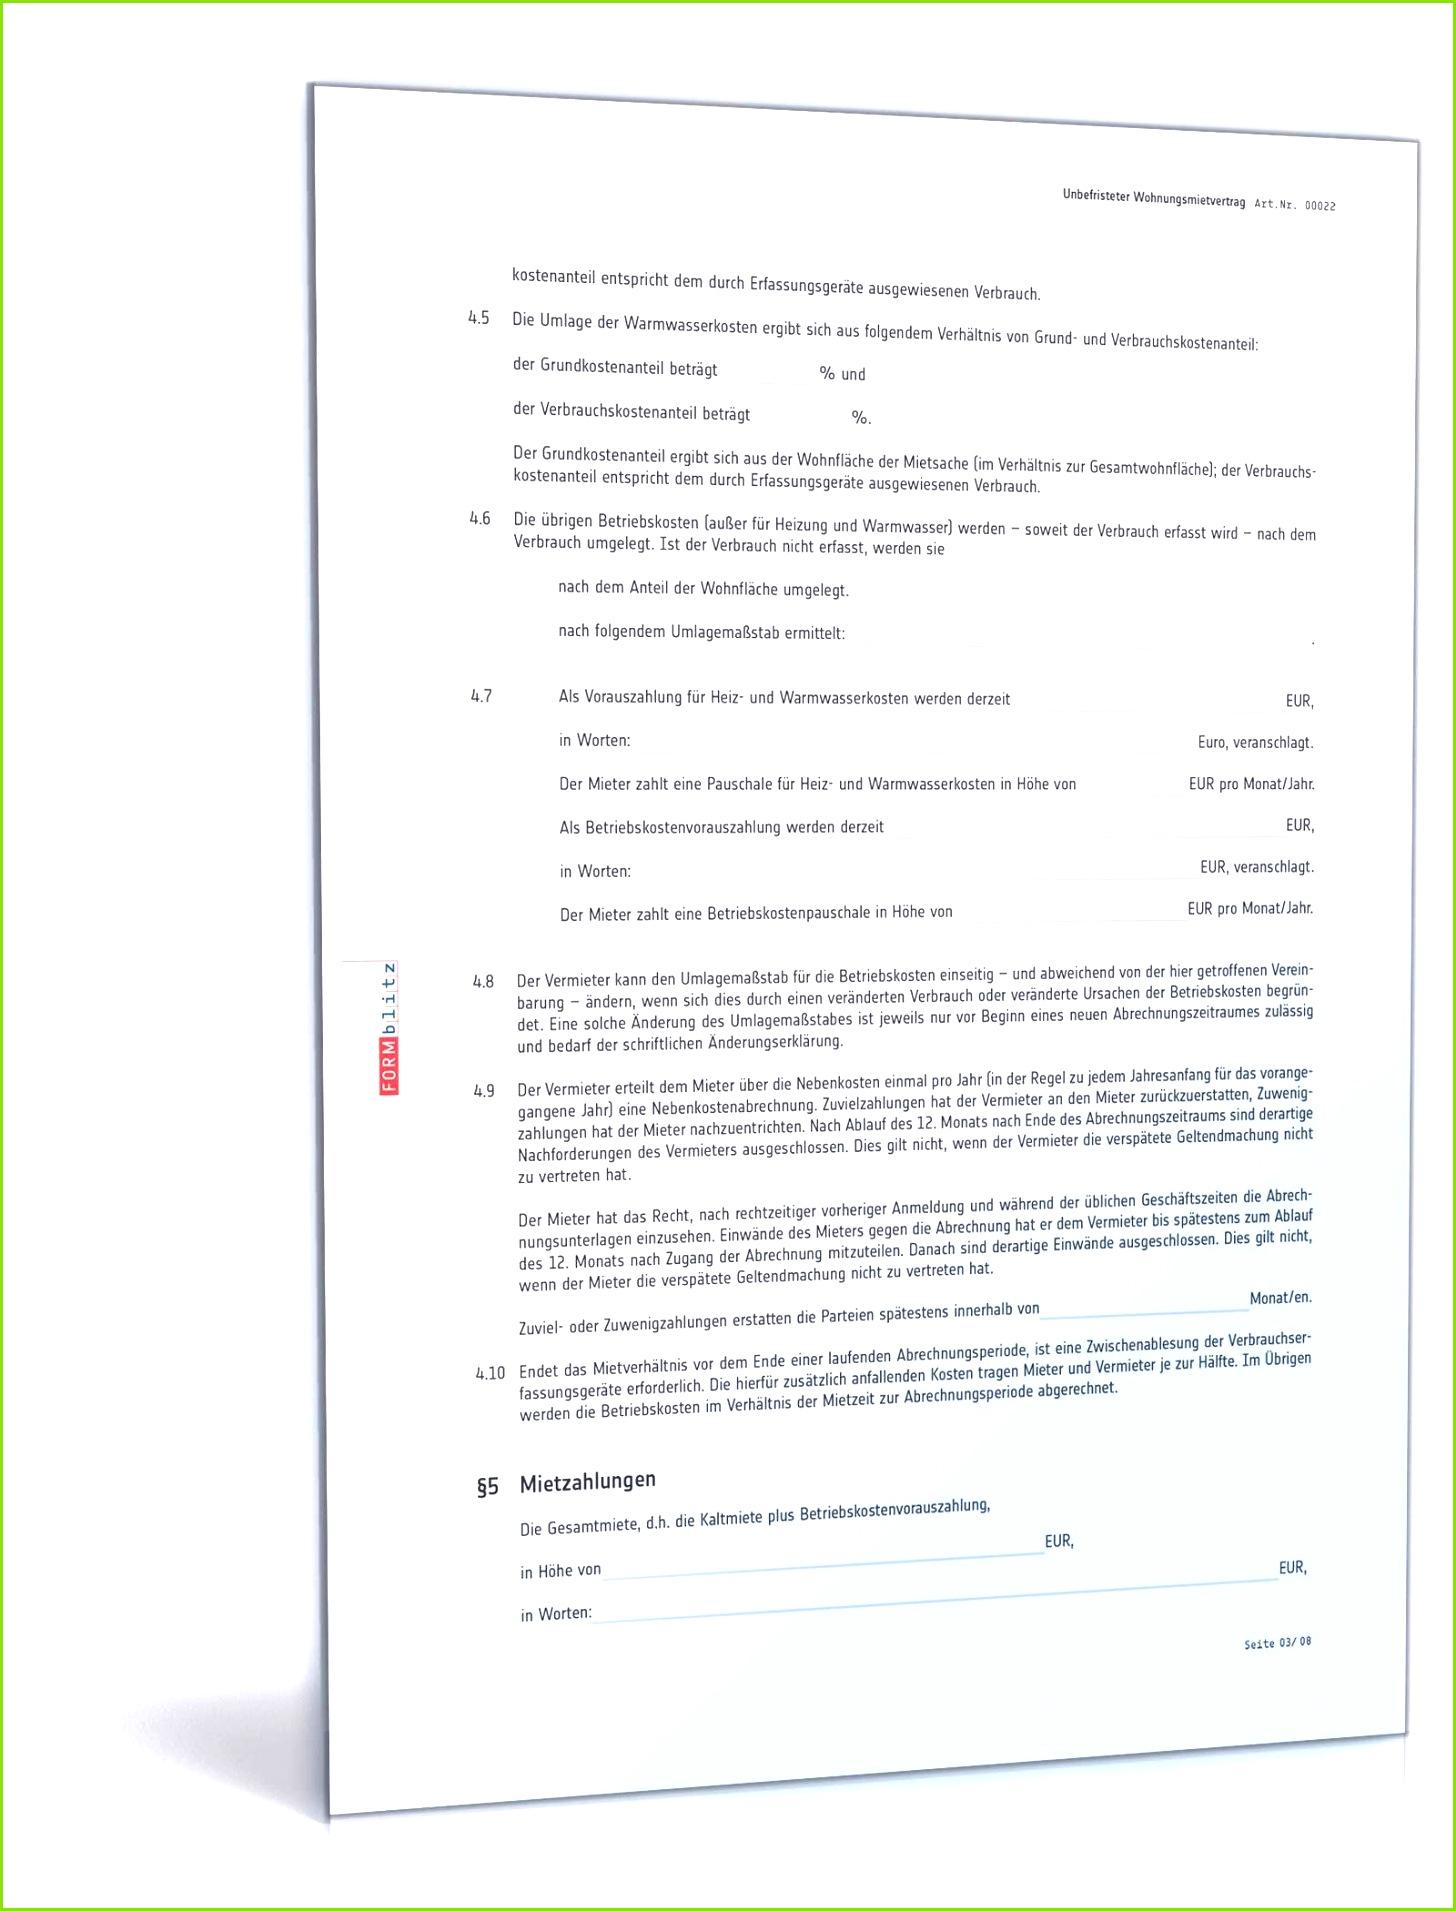 Mietvertrag Wohnung Wohnungsmietvertrag als Muster zum Download image source formblitz